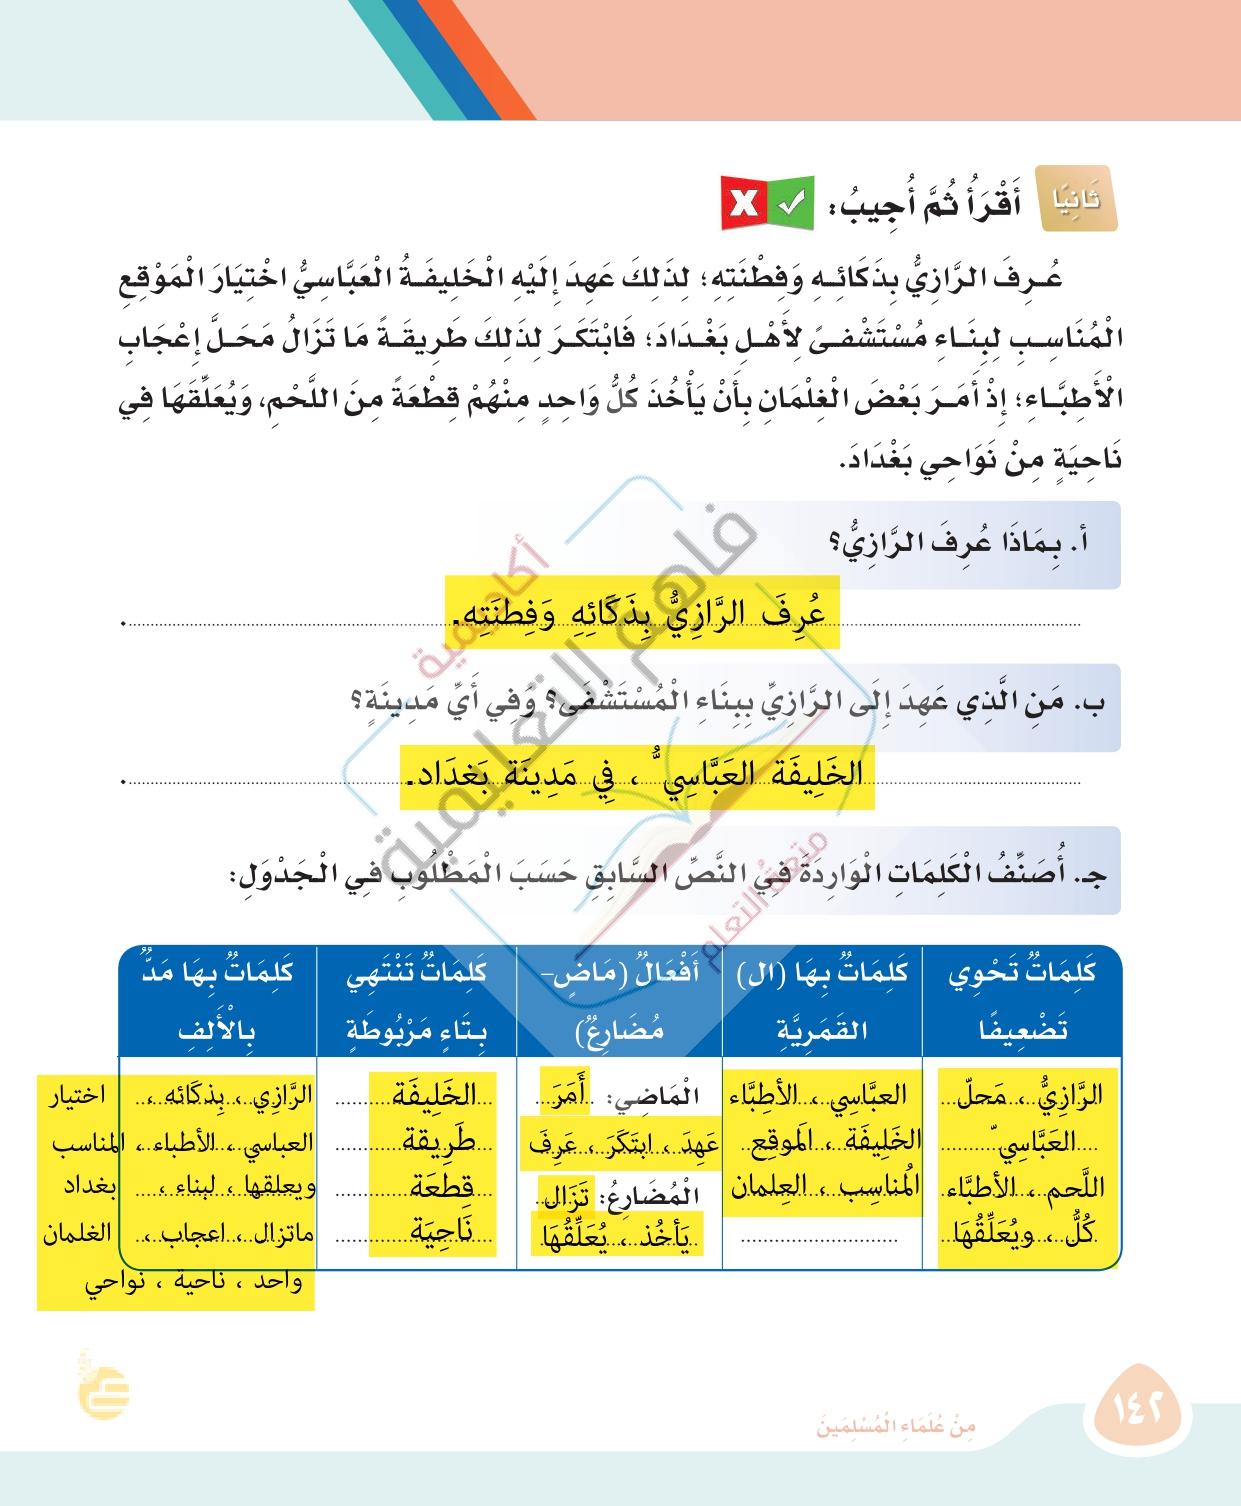 حل تمارين لغتي ثالث ابتدائي الفصل الثاني